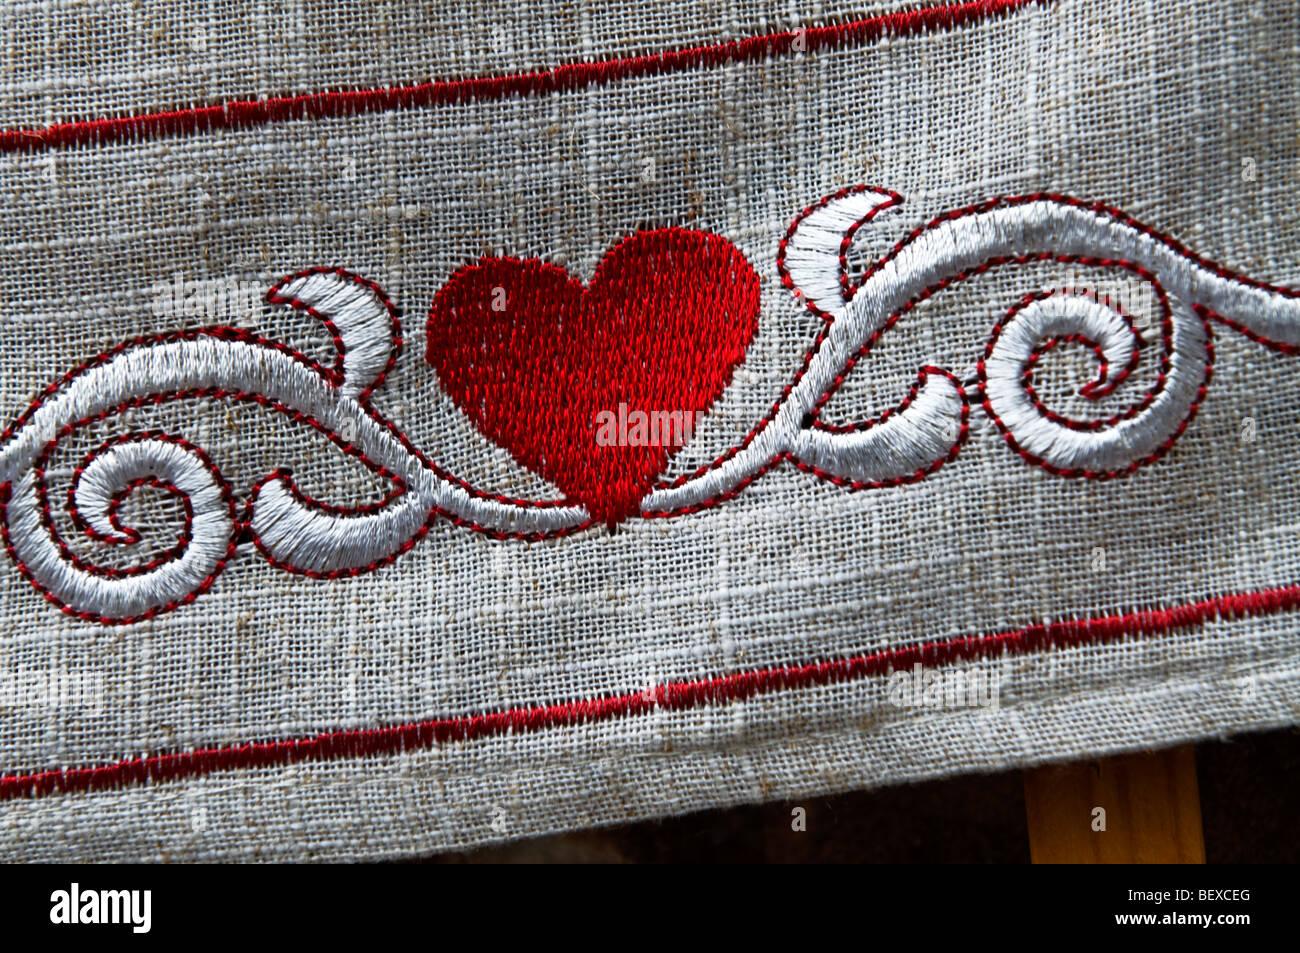 Cœur AMOUR BRODERIE Fermer Voir le coeur rouge brodé sur du linge de table cloth frontière Banque D'Images